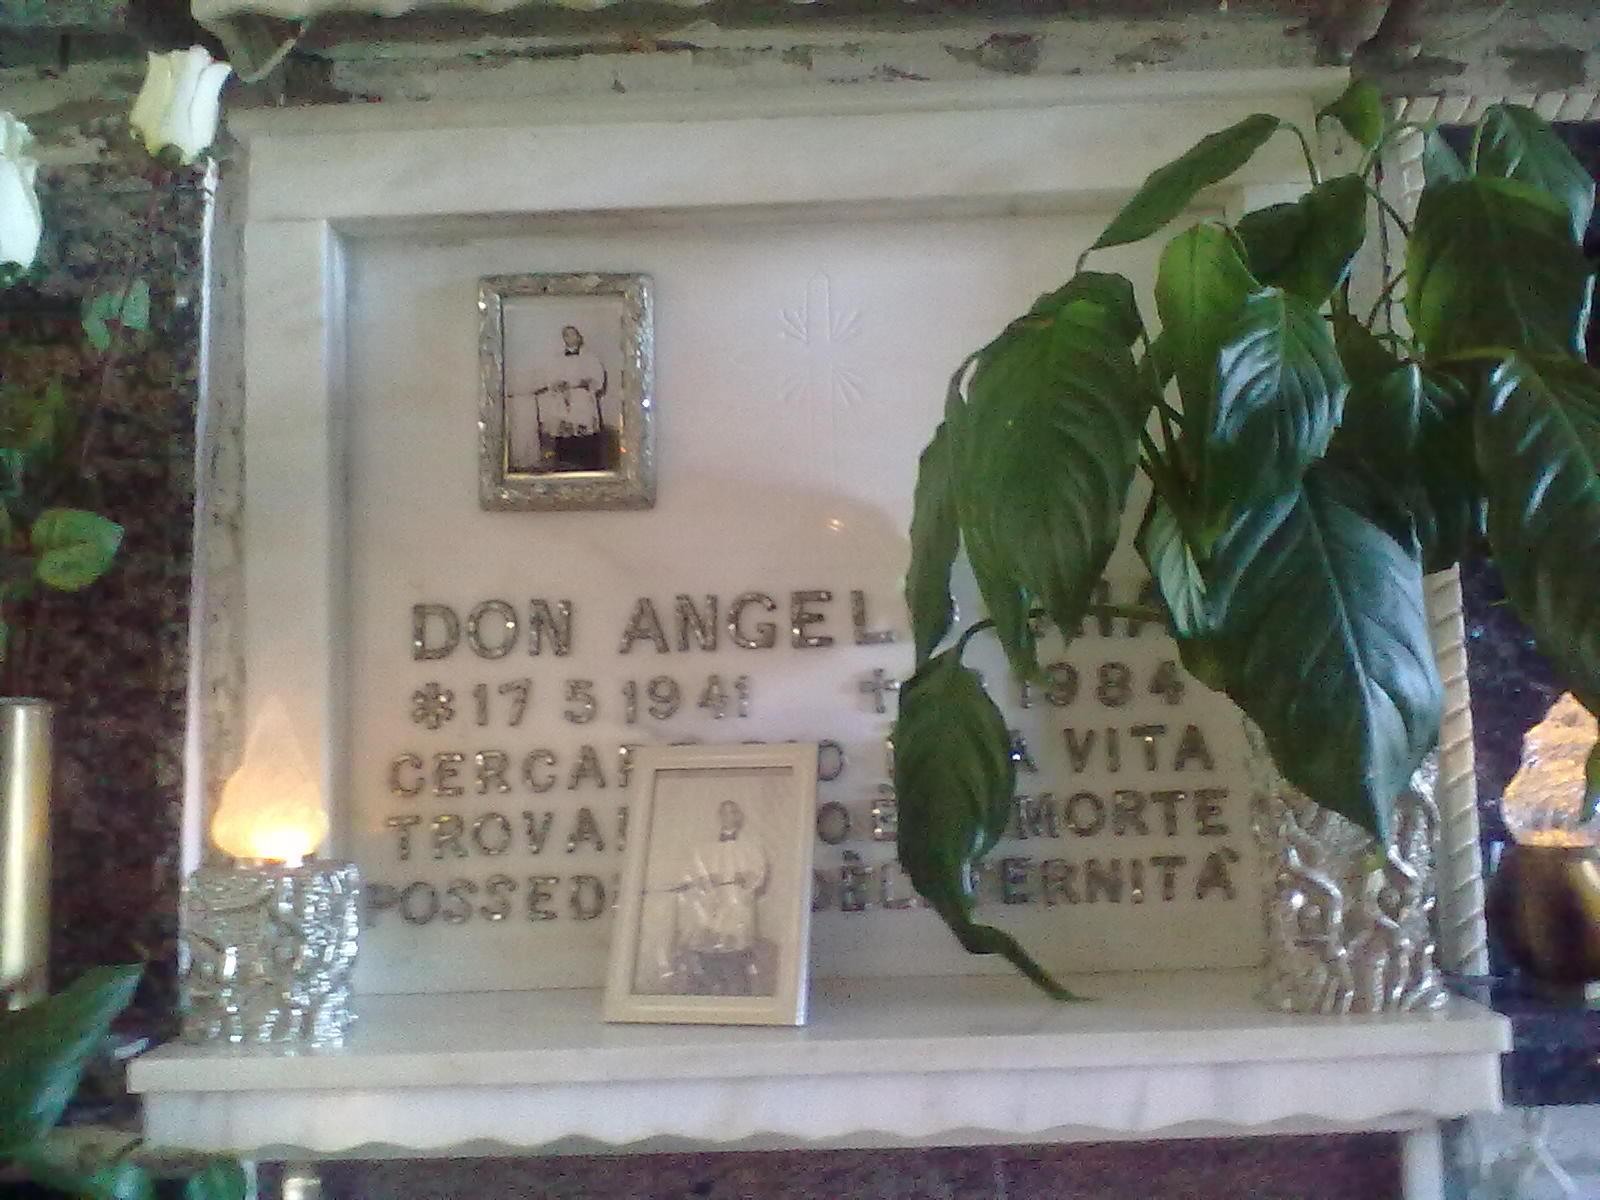 CAROVIGNO, Cimitero comunale - Qui riposano i resti mortali di don Angelo Iaia. Qualche tempo fa è avvenuta una ricognizione -di assoluta routine- della salma. Ebbene, nonostante i decenni, il corpo si mantiene bene.